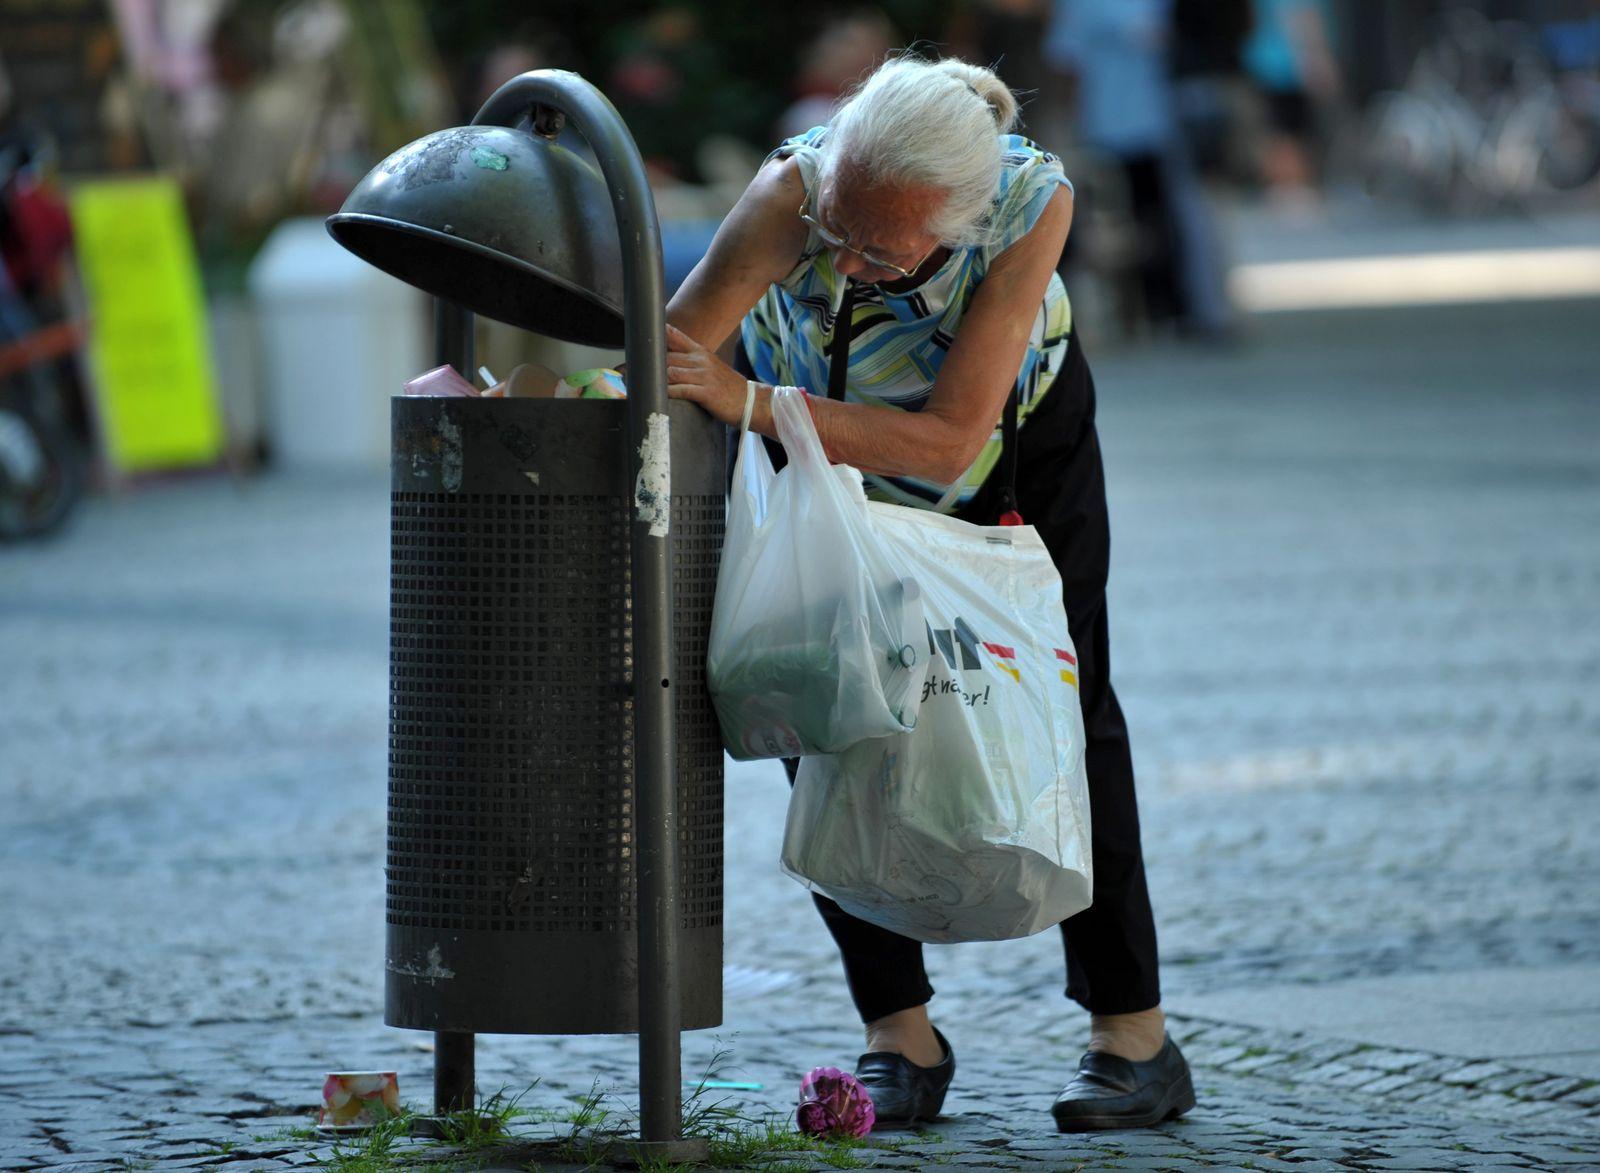 Pfandflaschensuche im Müll bottle collectors